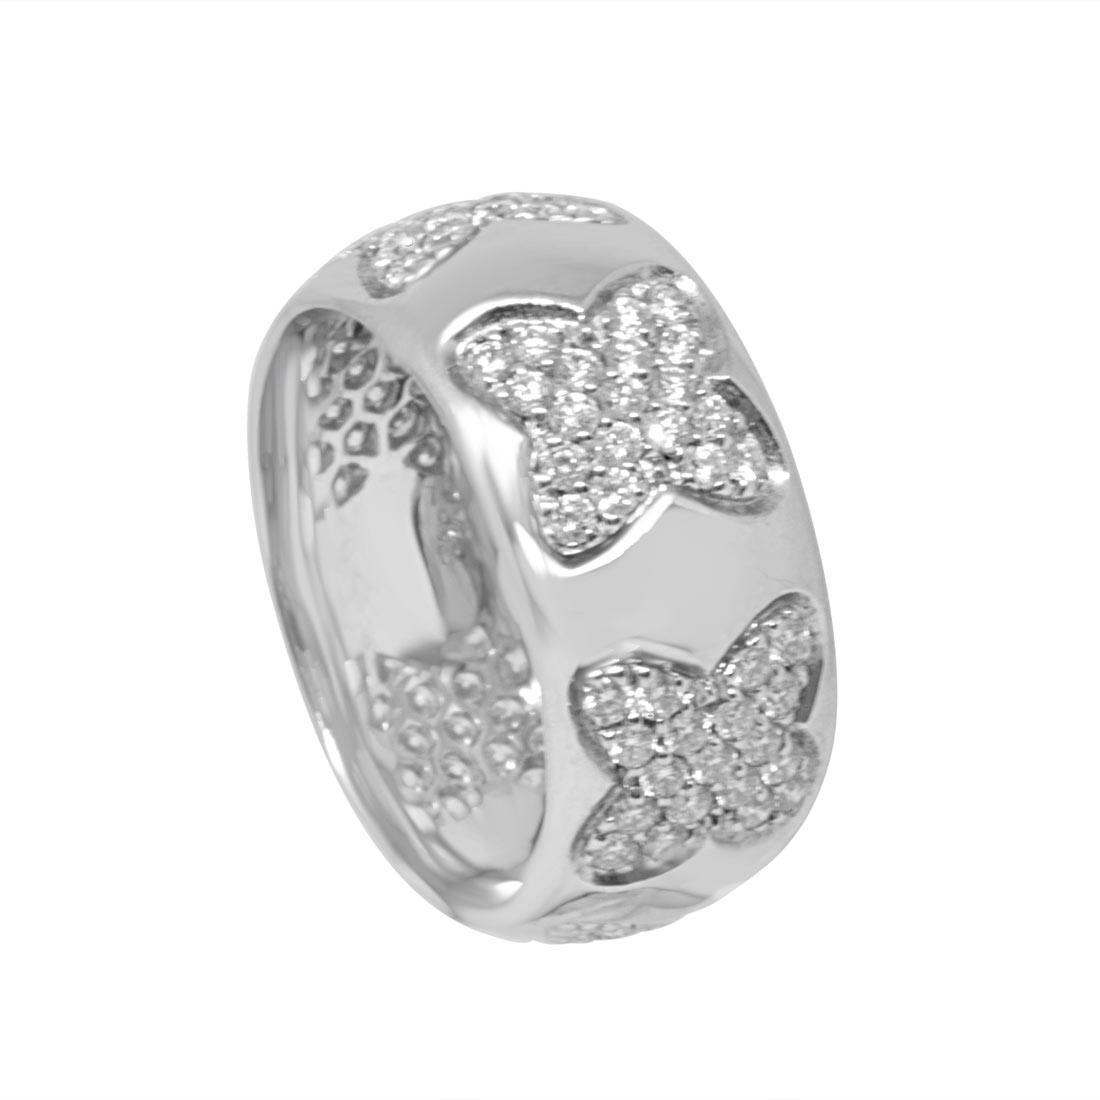 Anello in oro bianco e diamanti ct 1.15, misura 14 - RECARLO